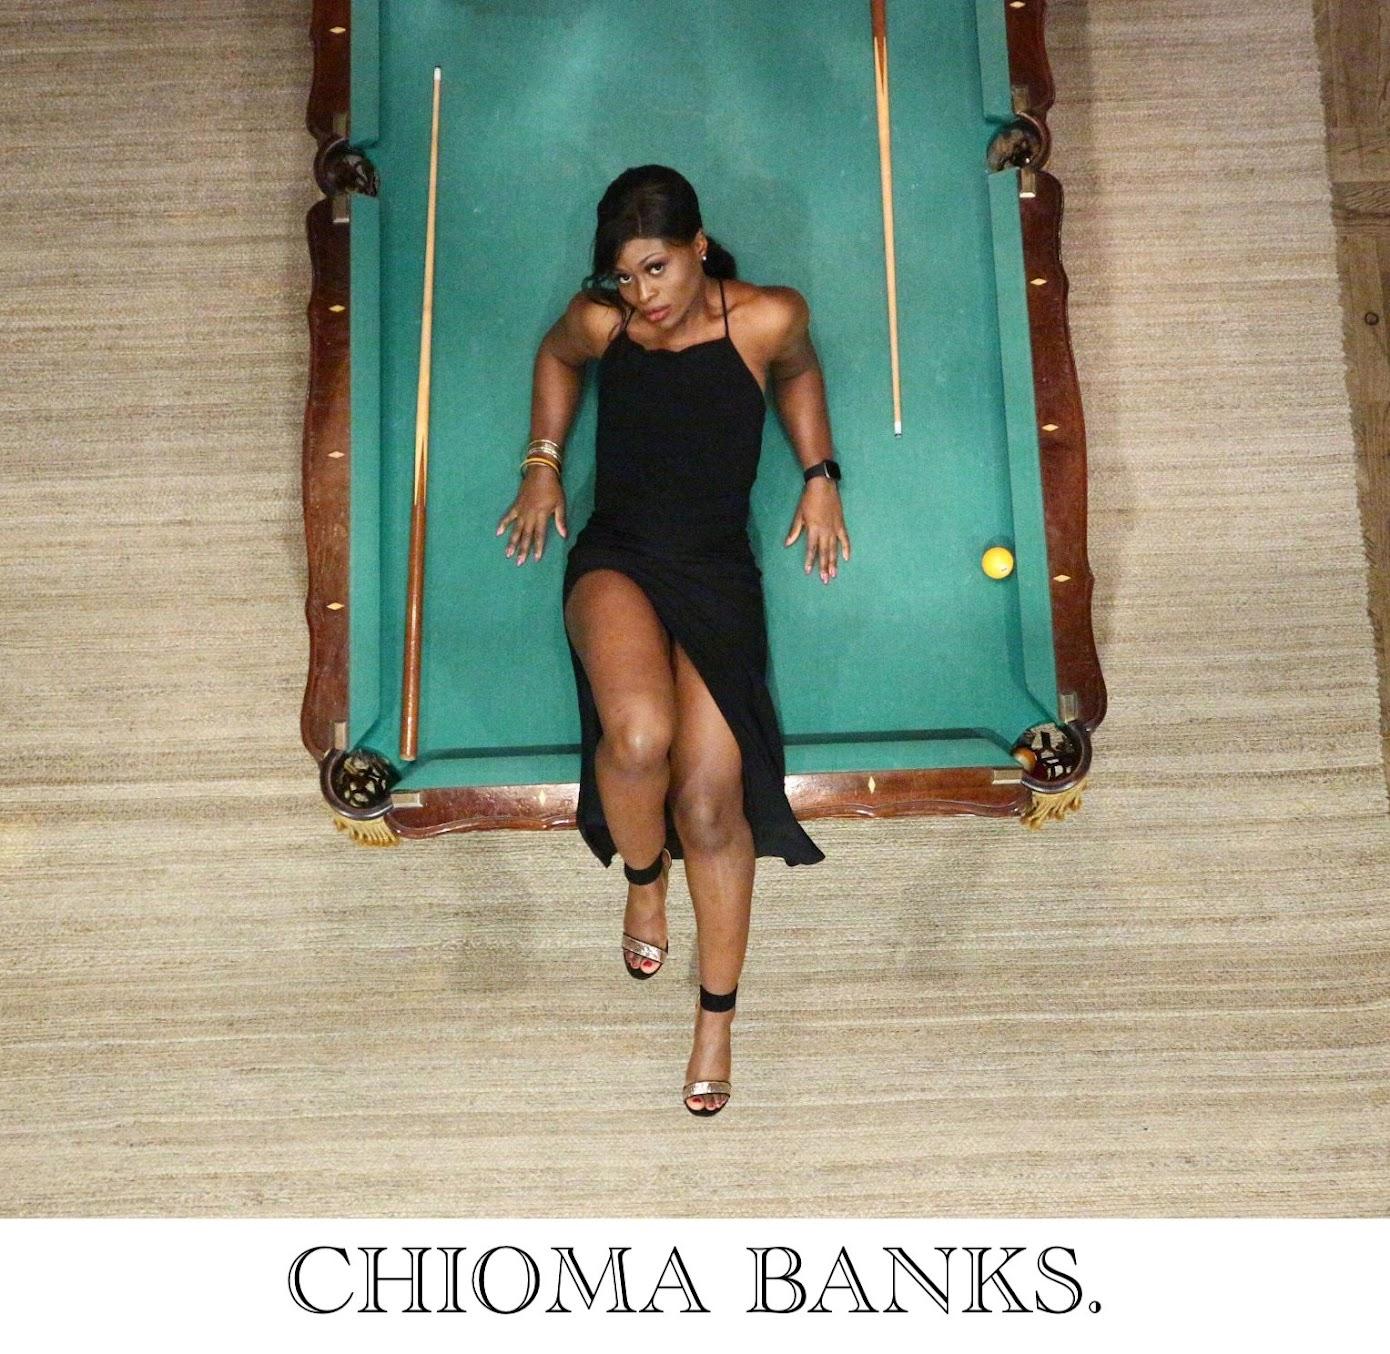 CHIOMA BANKS